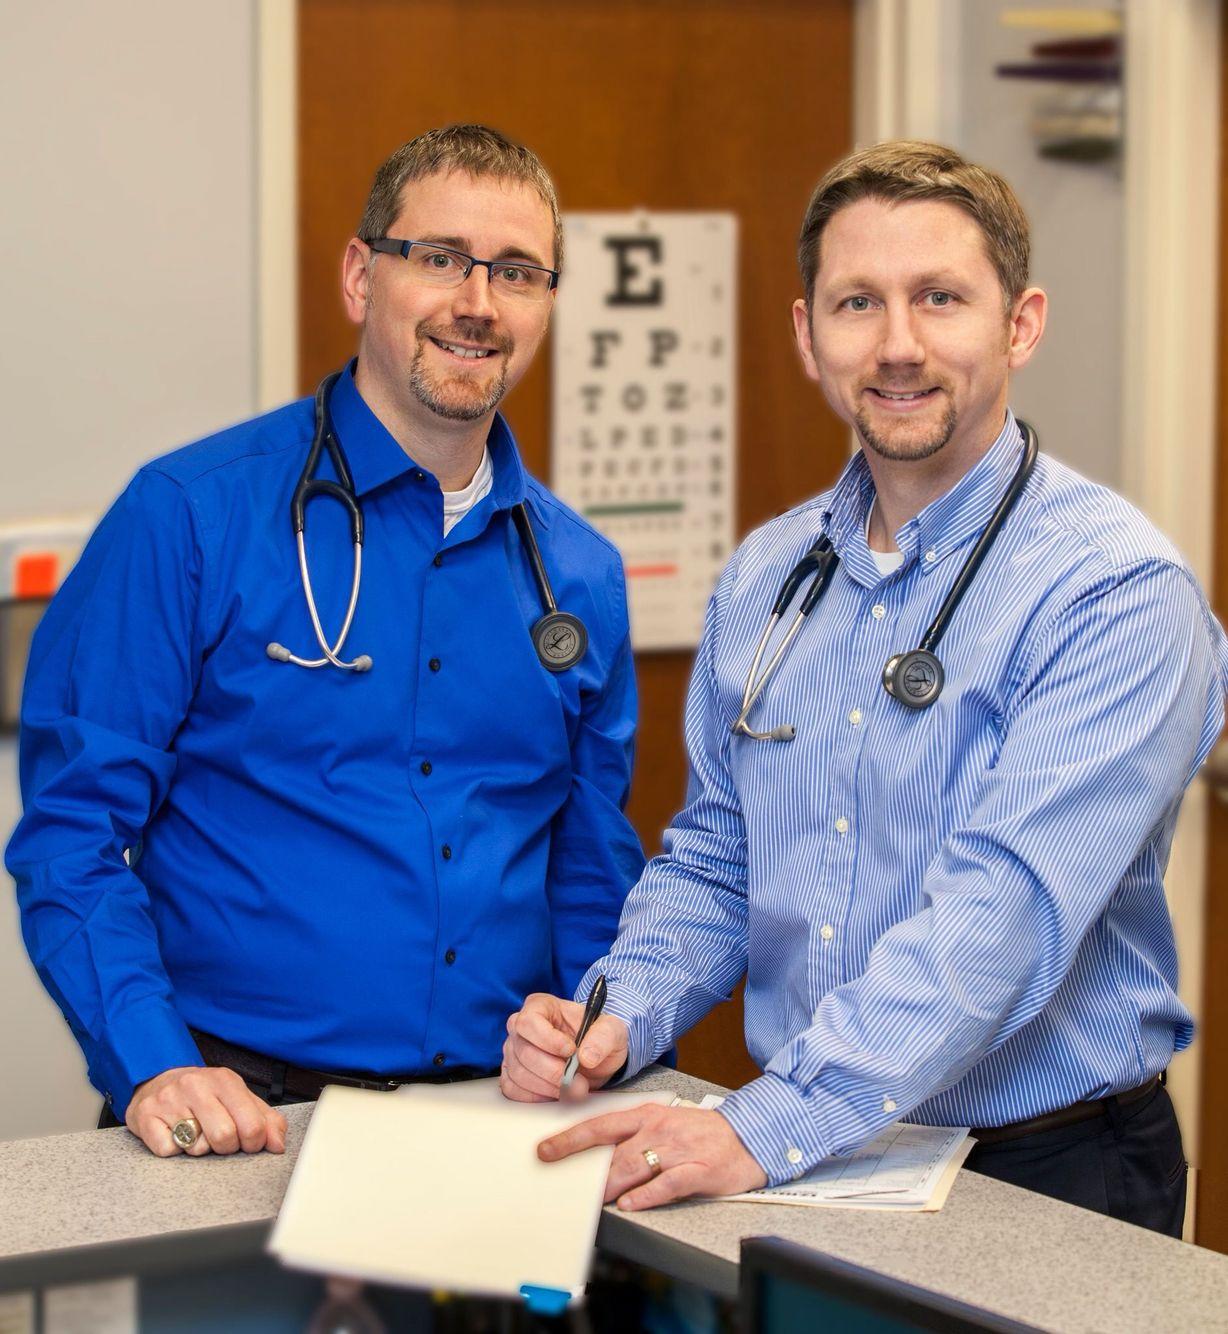 Drs. Jon & Harry Izbicki of Izbicki Family Medicine, Erie